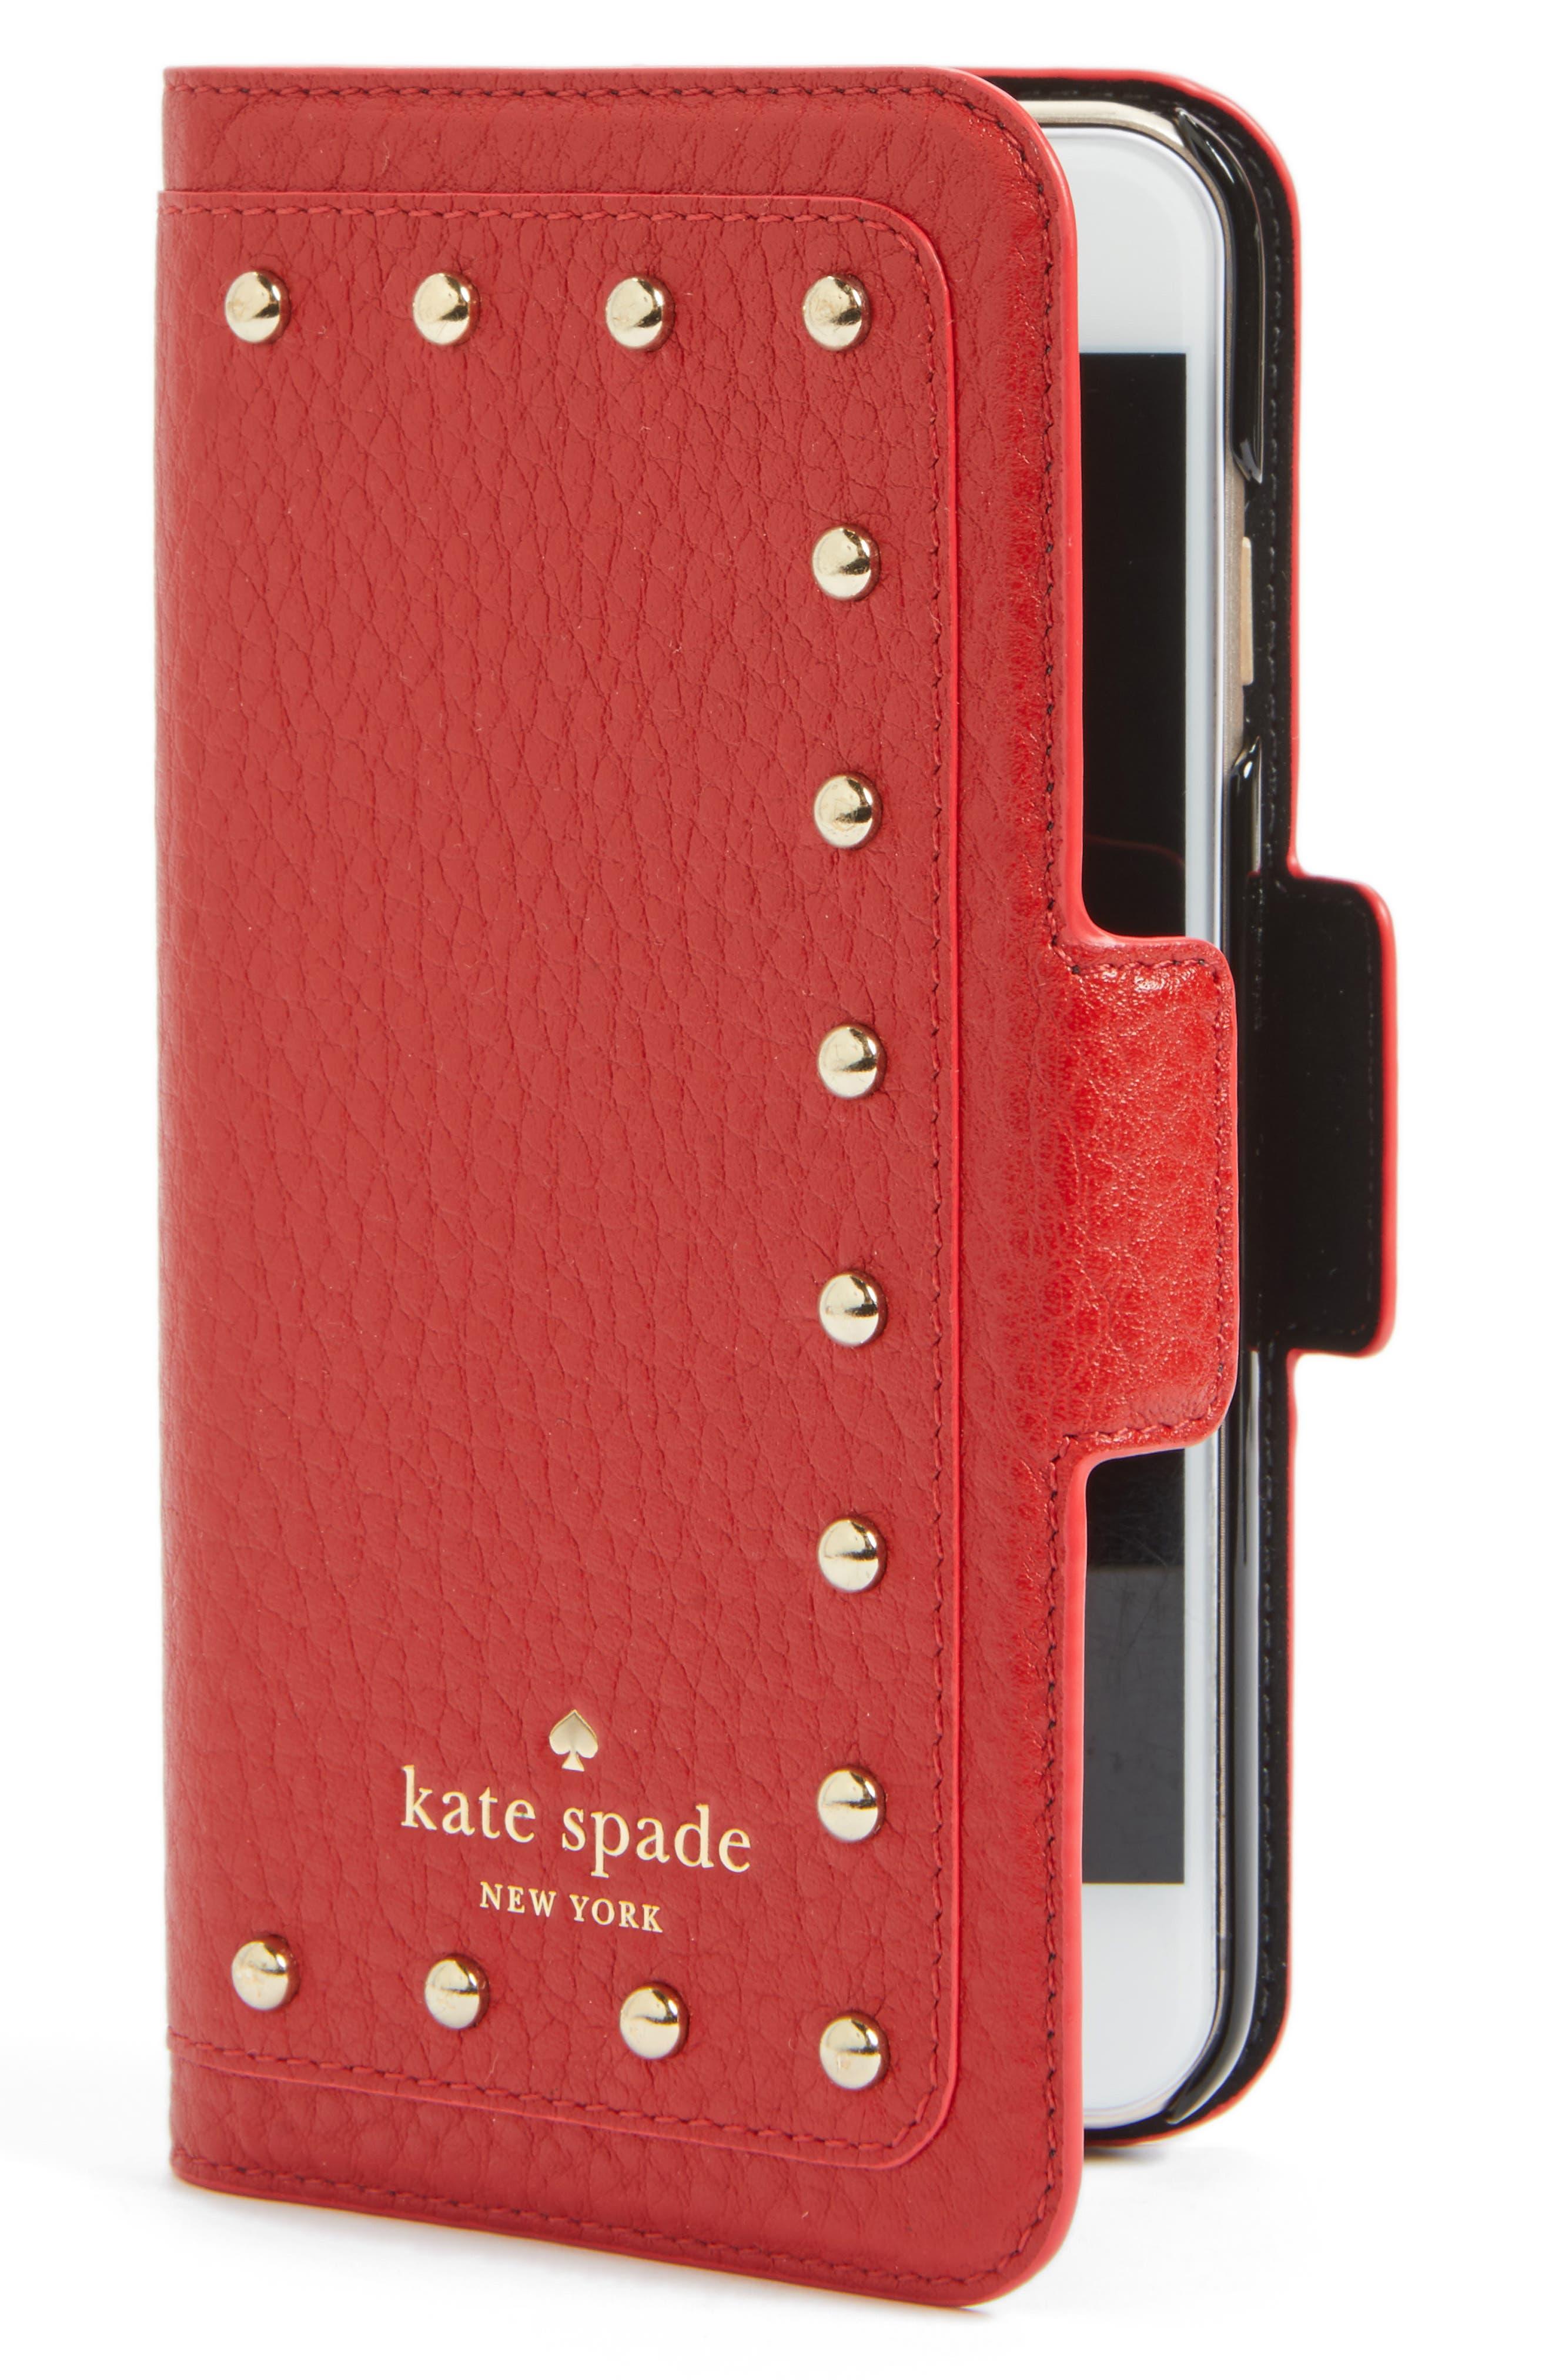 kate spade new york embellished iPhone 7 & 7 Plus folio case